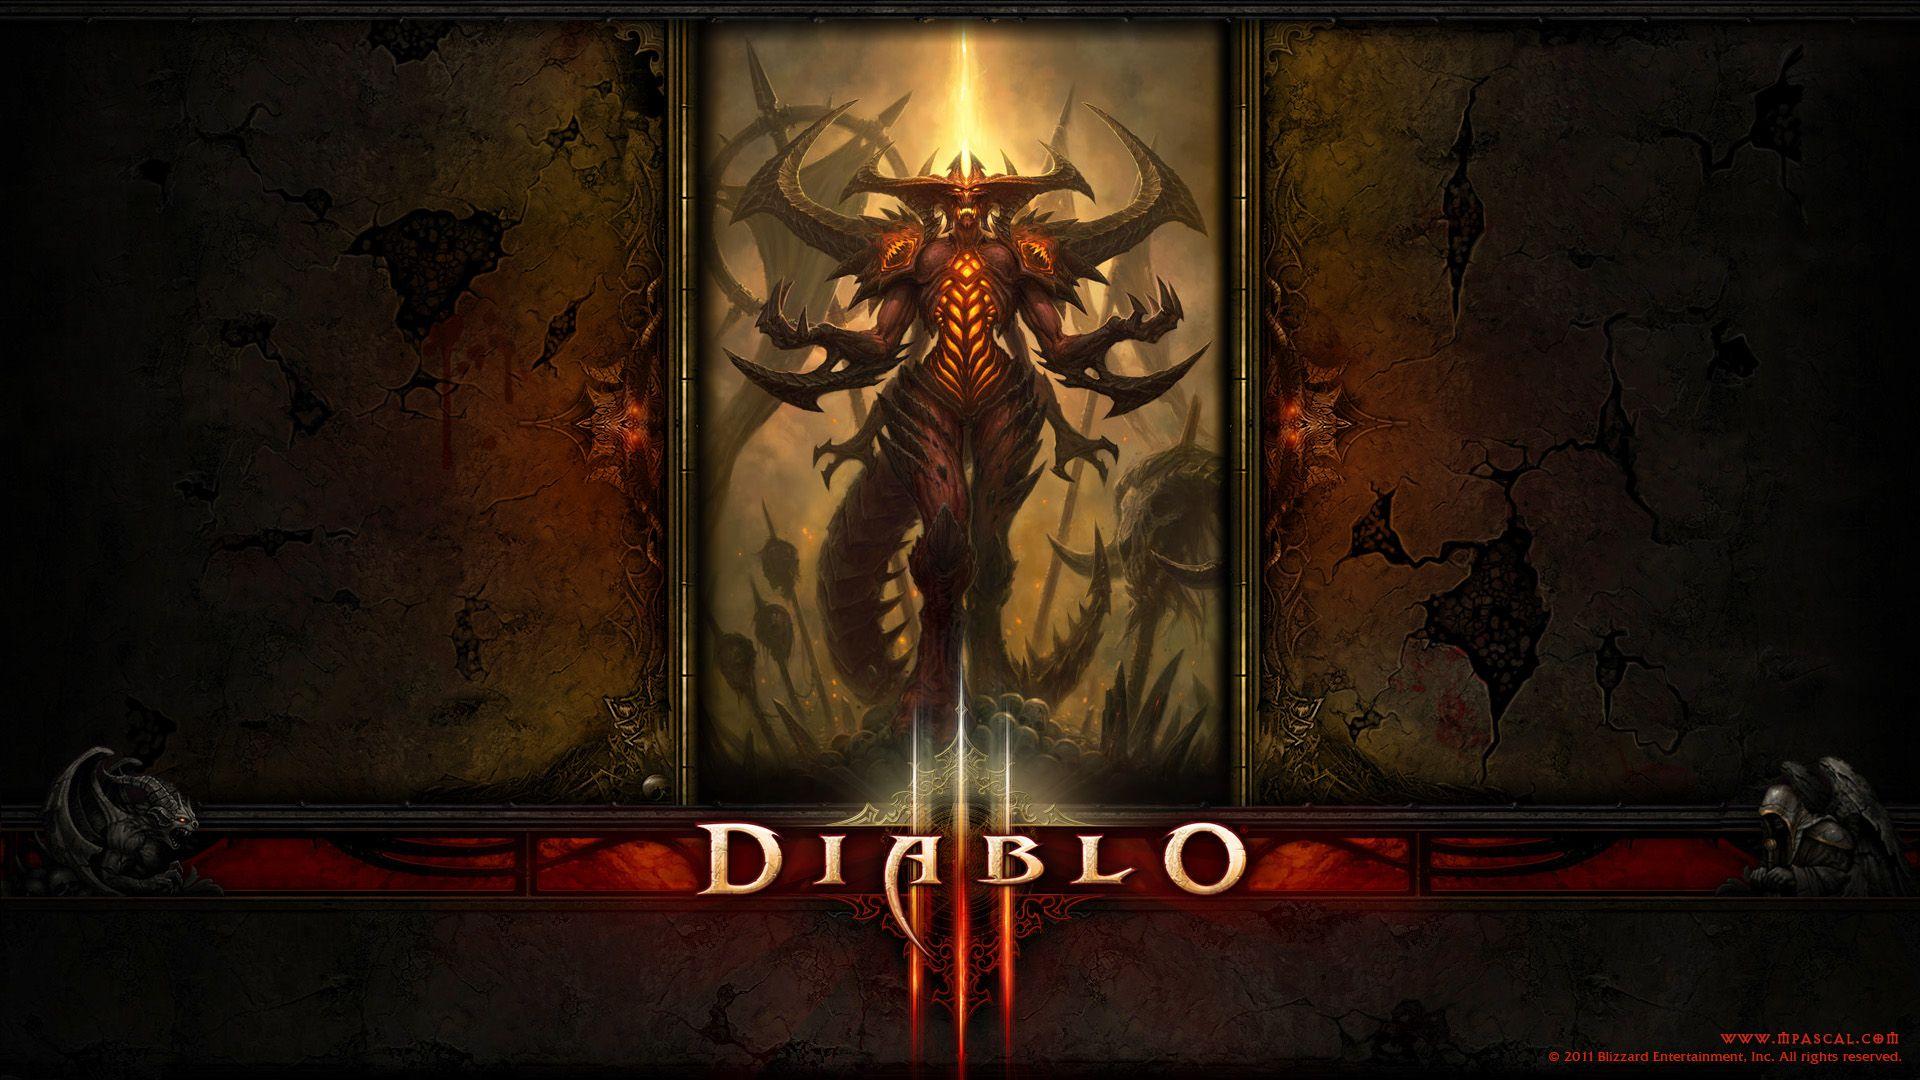 Diablo 3 New Diablo Wallpaper Diablo Crusader Wallpaper Diablo 3